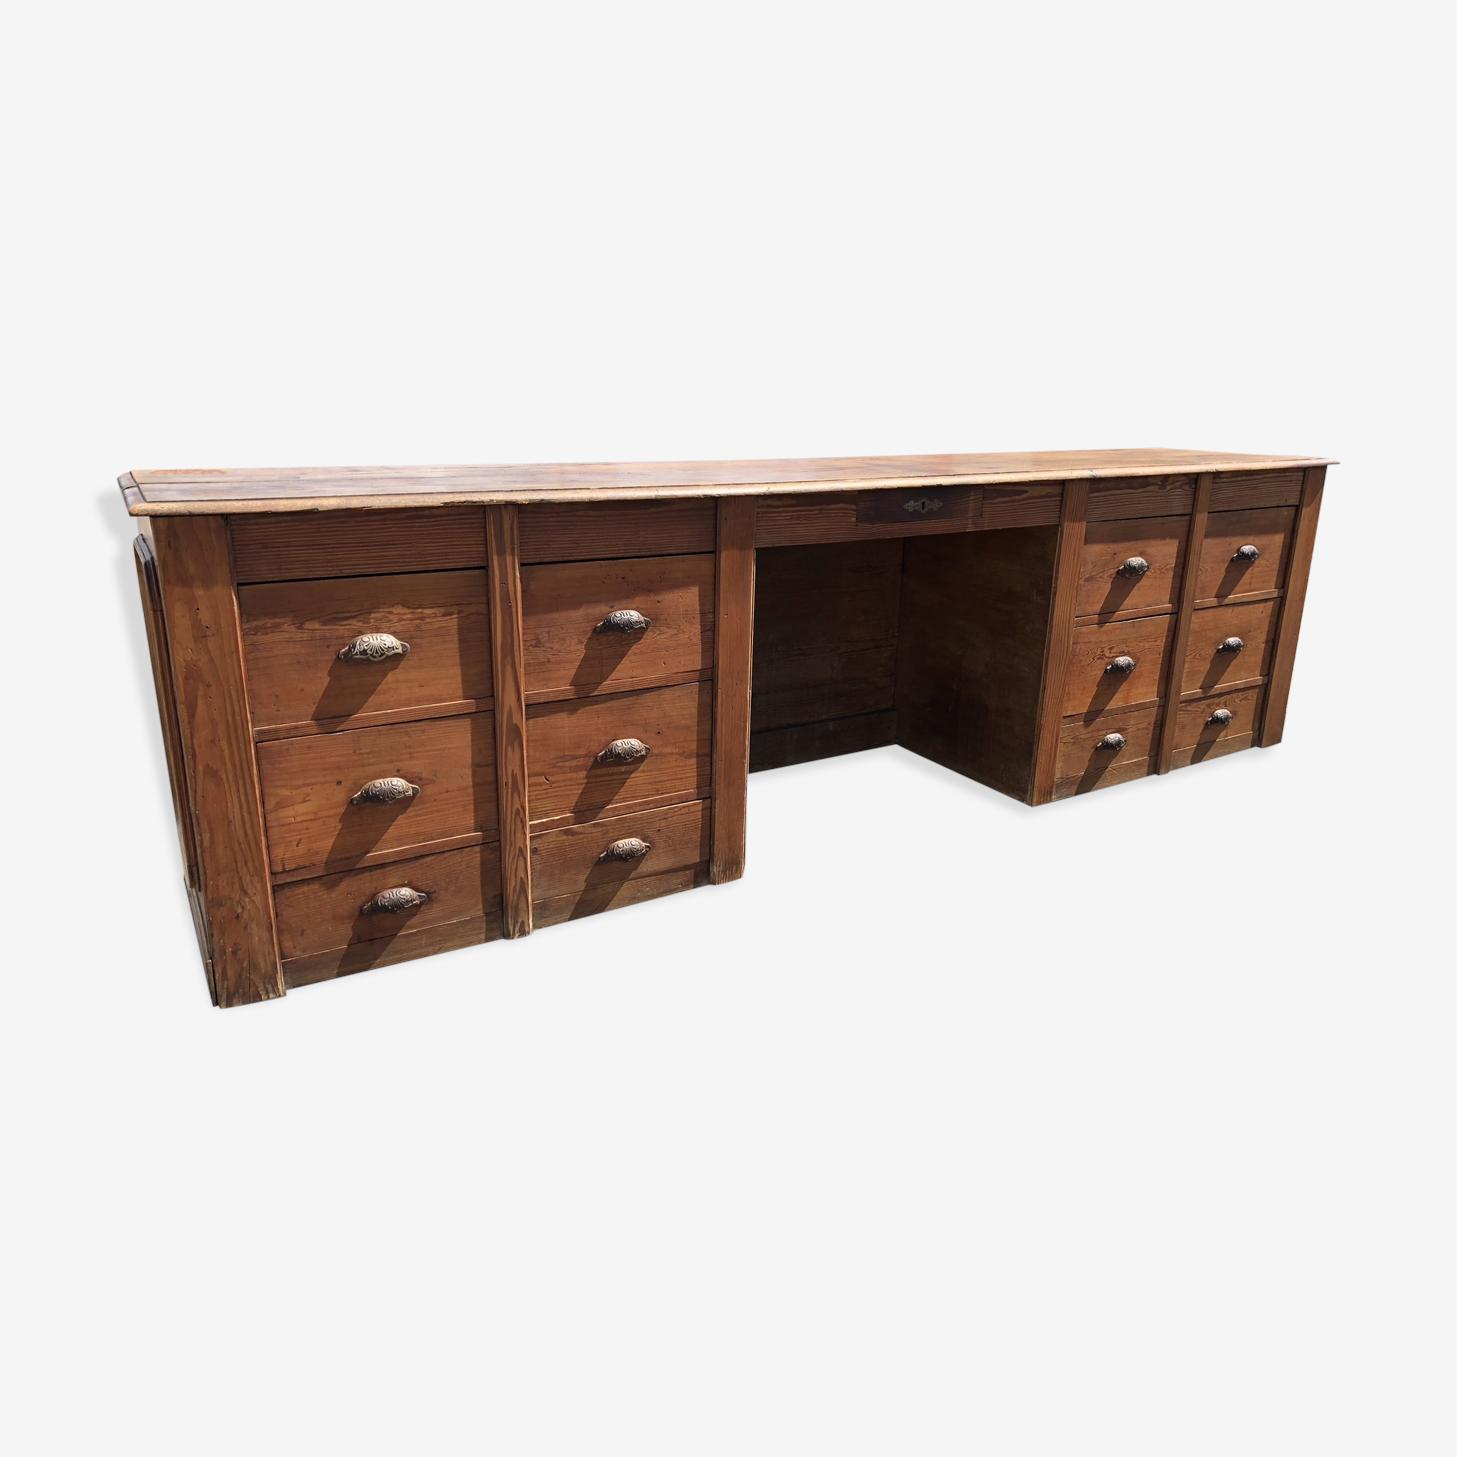 Former haberdashery counter furniture